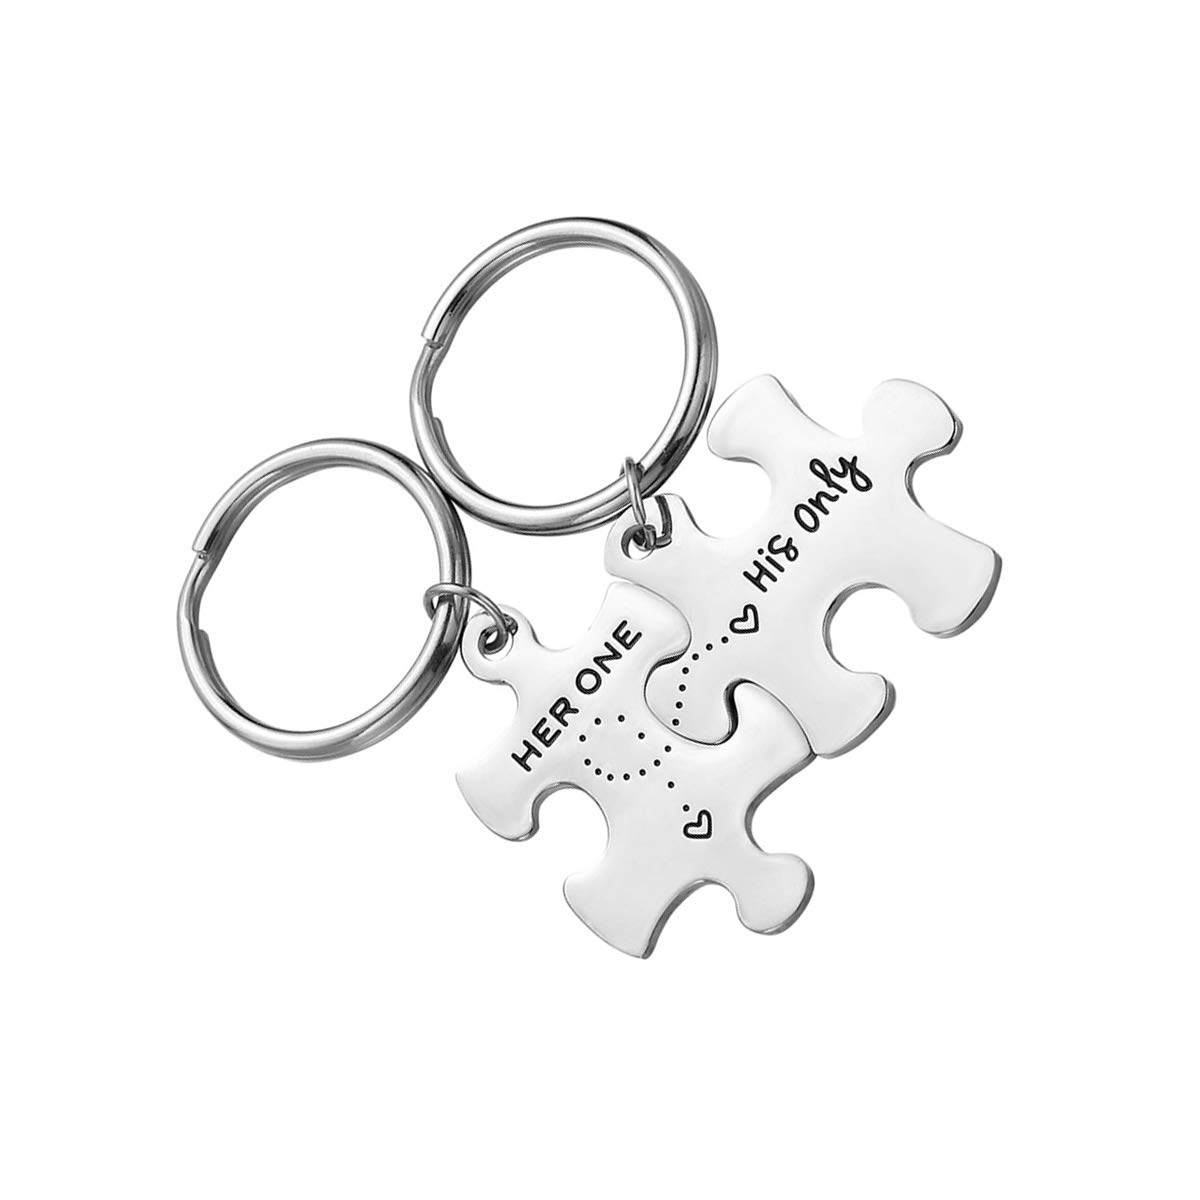 Set Her One His Only Letters Llaveros Creativos Puzzle Pareja Llaveros Regalo para los Amantes 2pcs